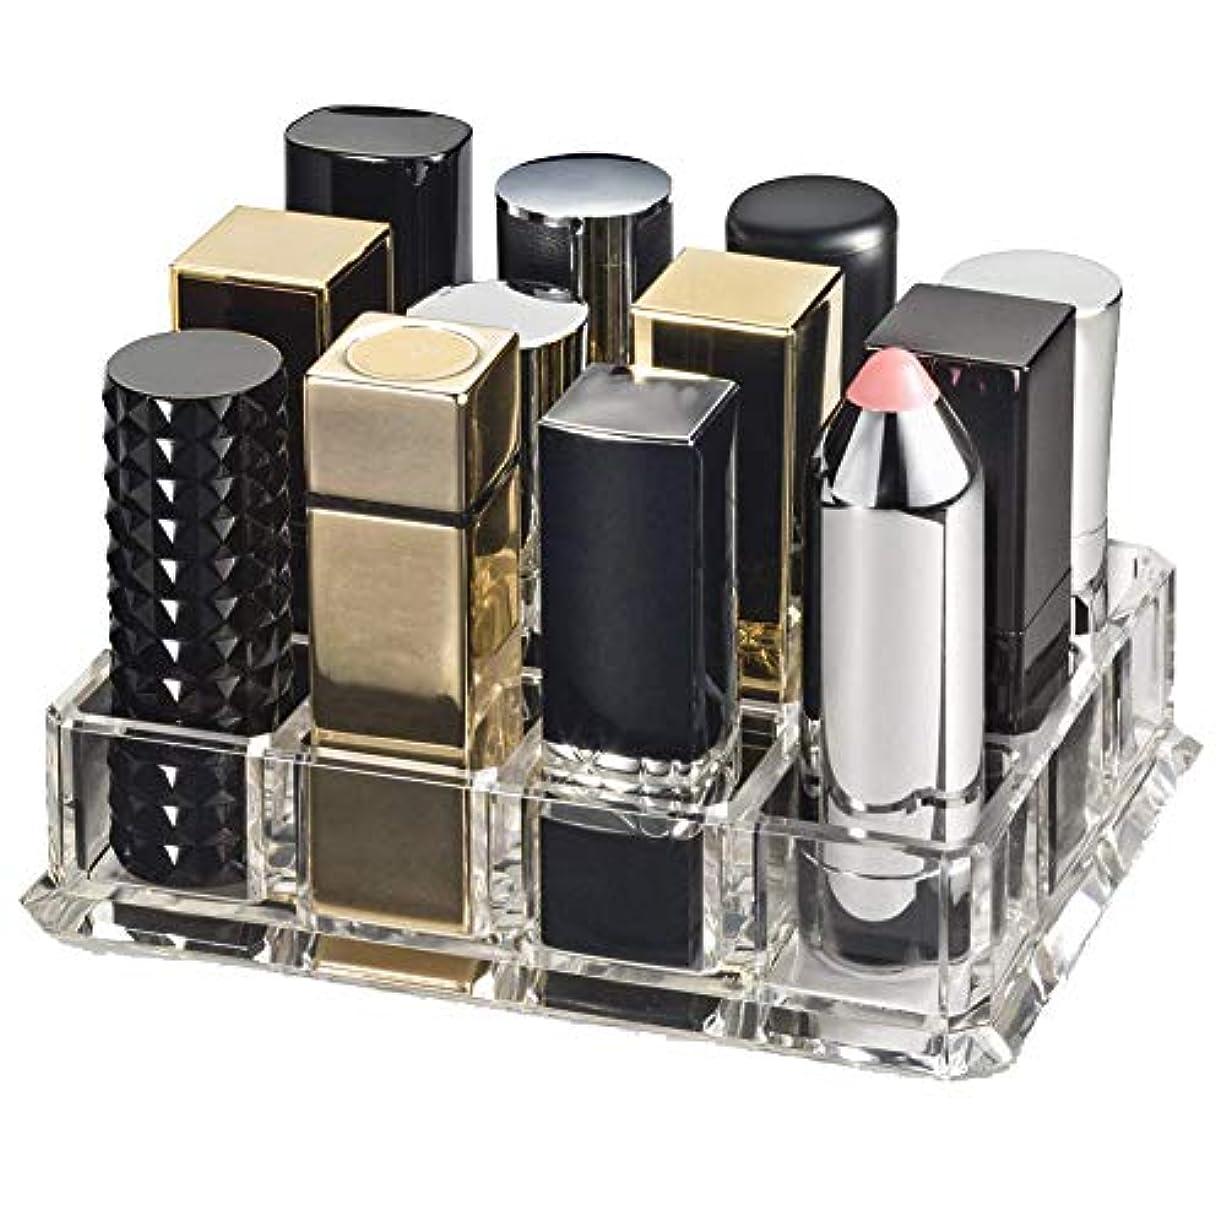 ボトル広大な怒ってhamulekfae-化粧品綺麗クリアアクリル口紅オーガナイザー12スペース化粧品収納ボックスケース - 透明